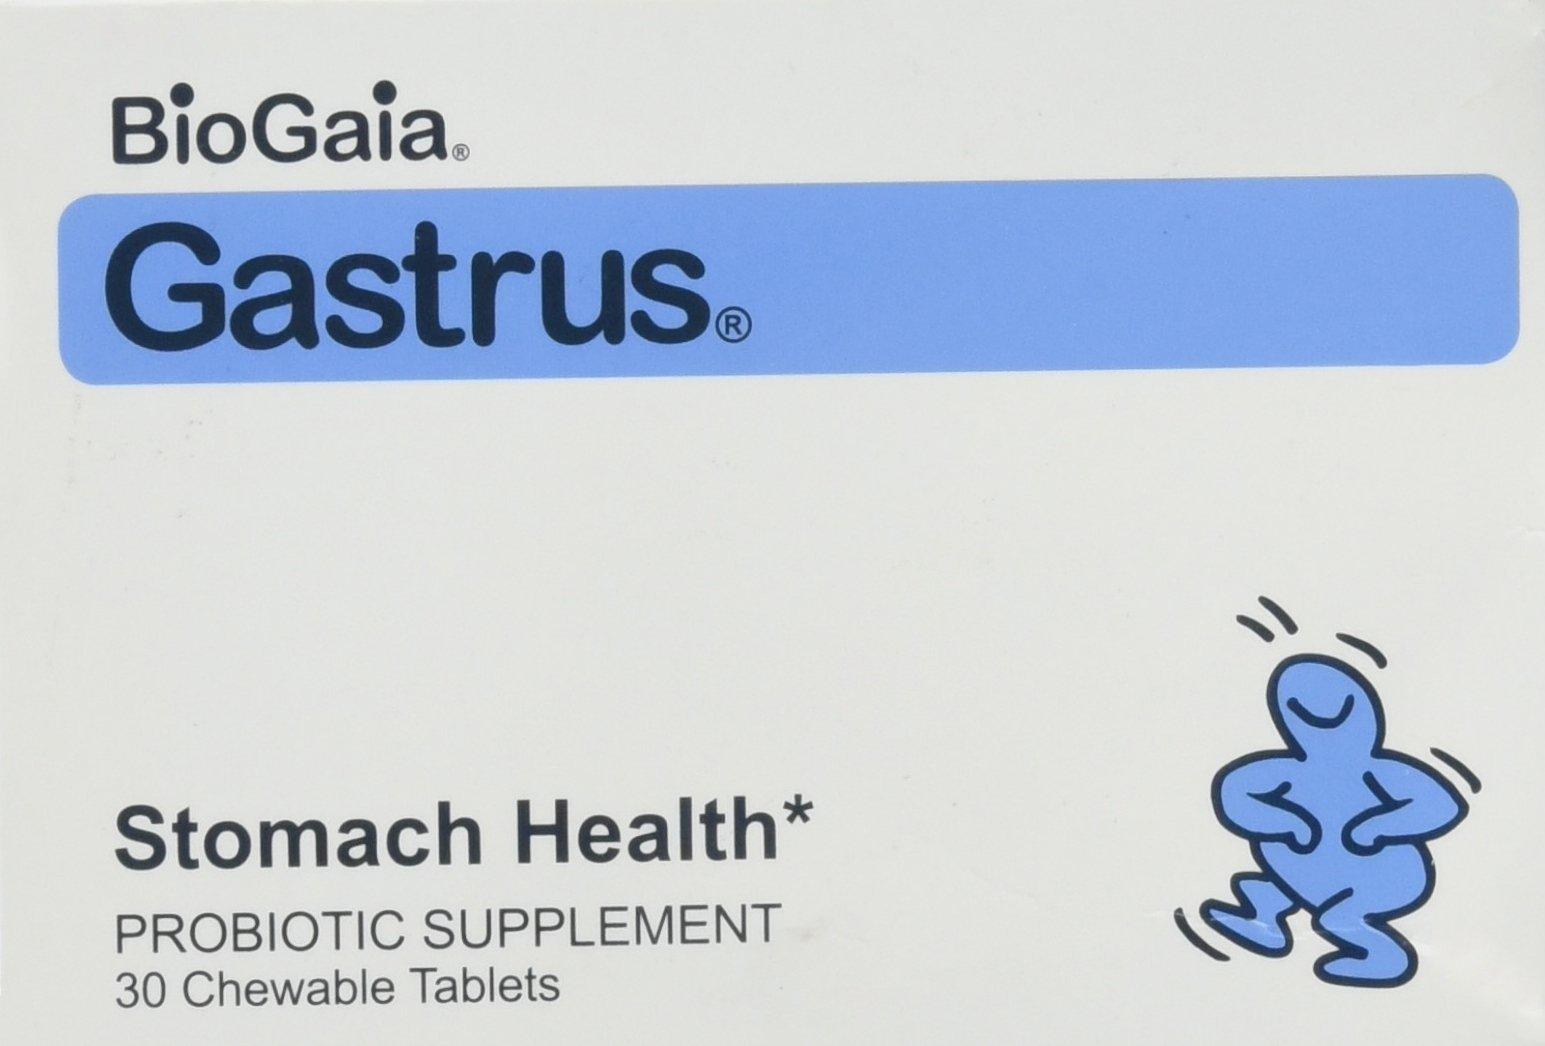 Biogaia Gastrus® 30 Chewable Tablets